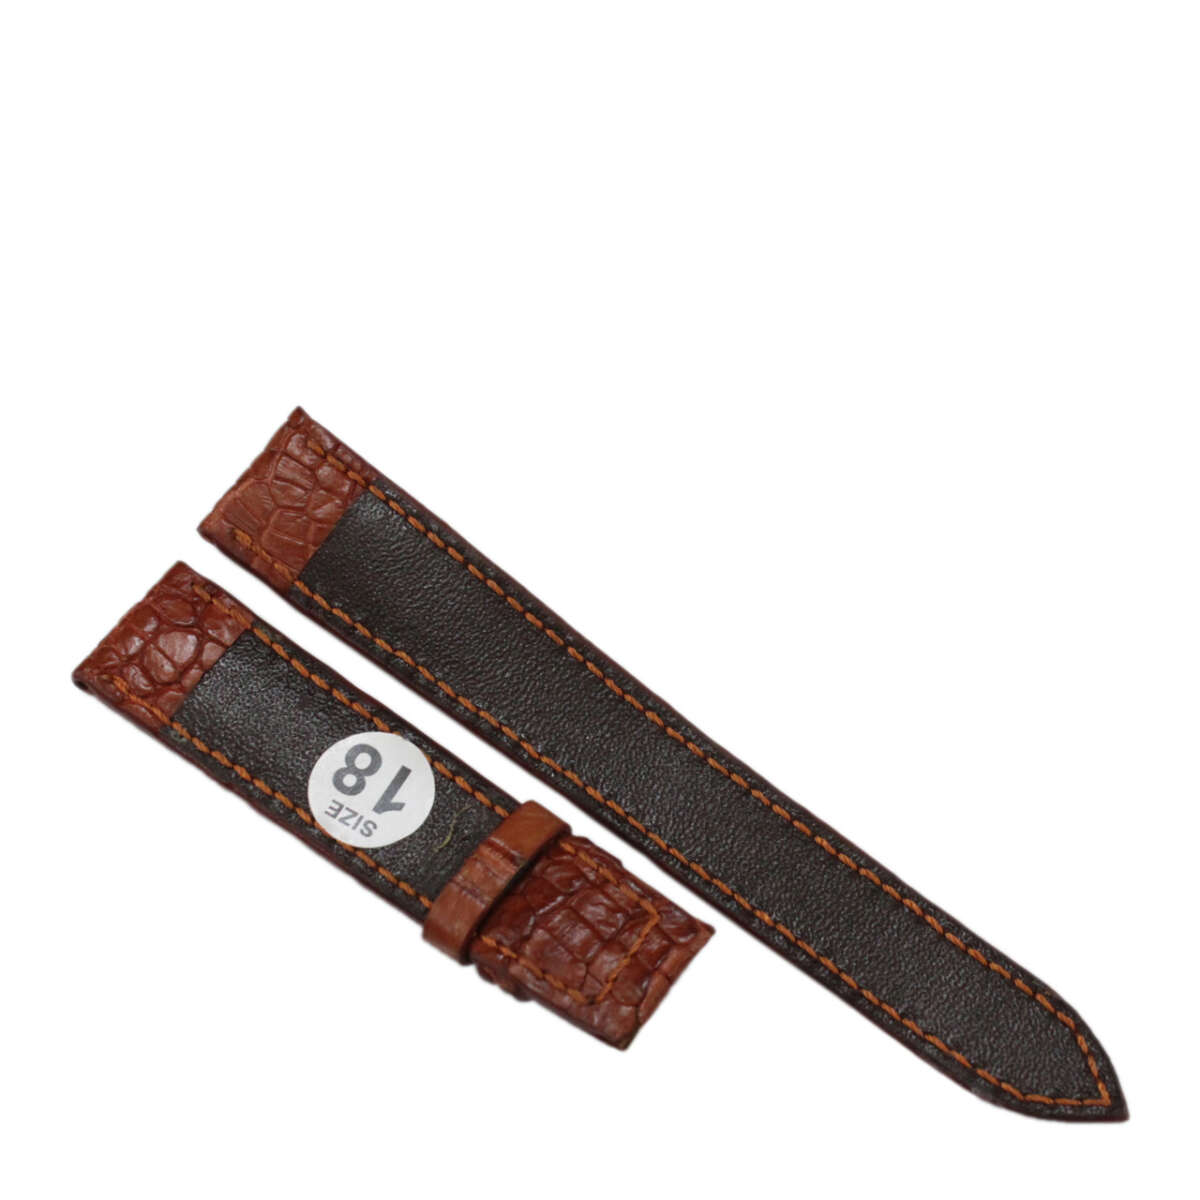 Dây đồng hồ da cá sấu may tay S911g